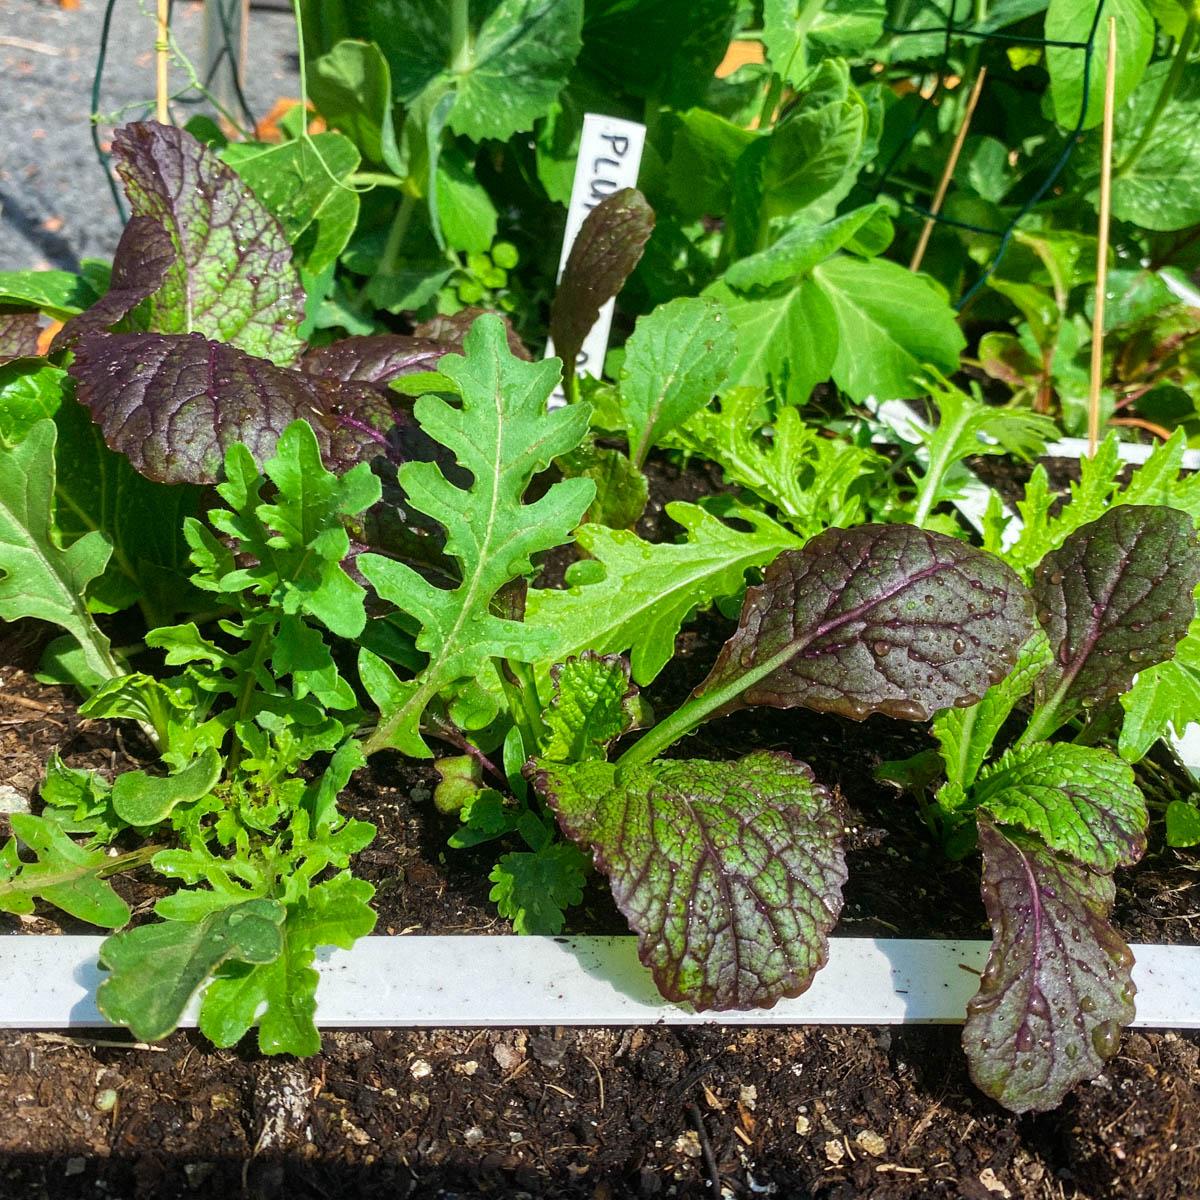 blog-july:-summer-in-the-veg-garden14.jpg